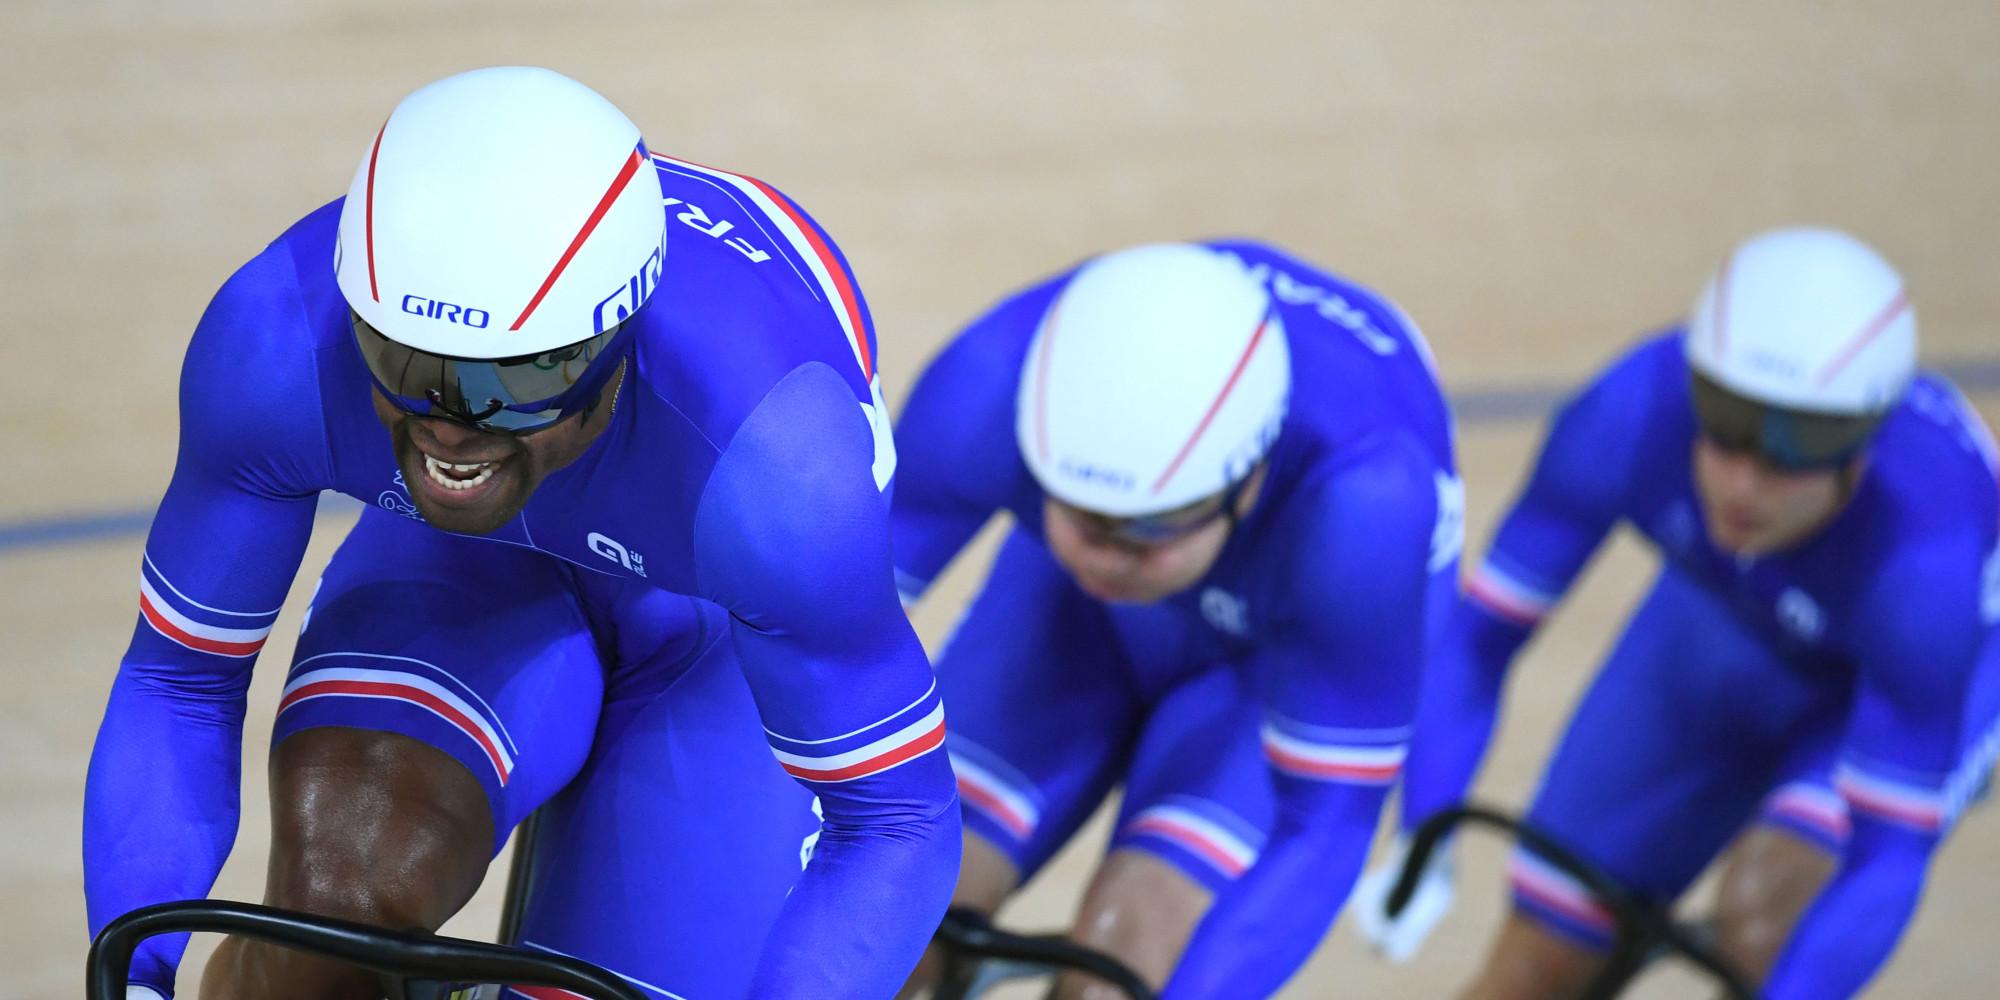 m daille de bronze pour les cyclistes de l 39 quipe de france de vitesse aux jo de rio. Black Bedroom Furniture Sets. Home Design Ideas